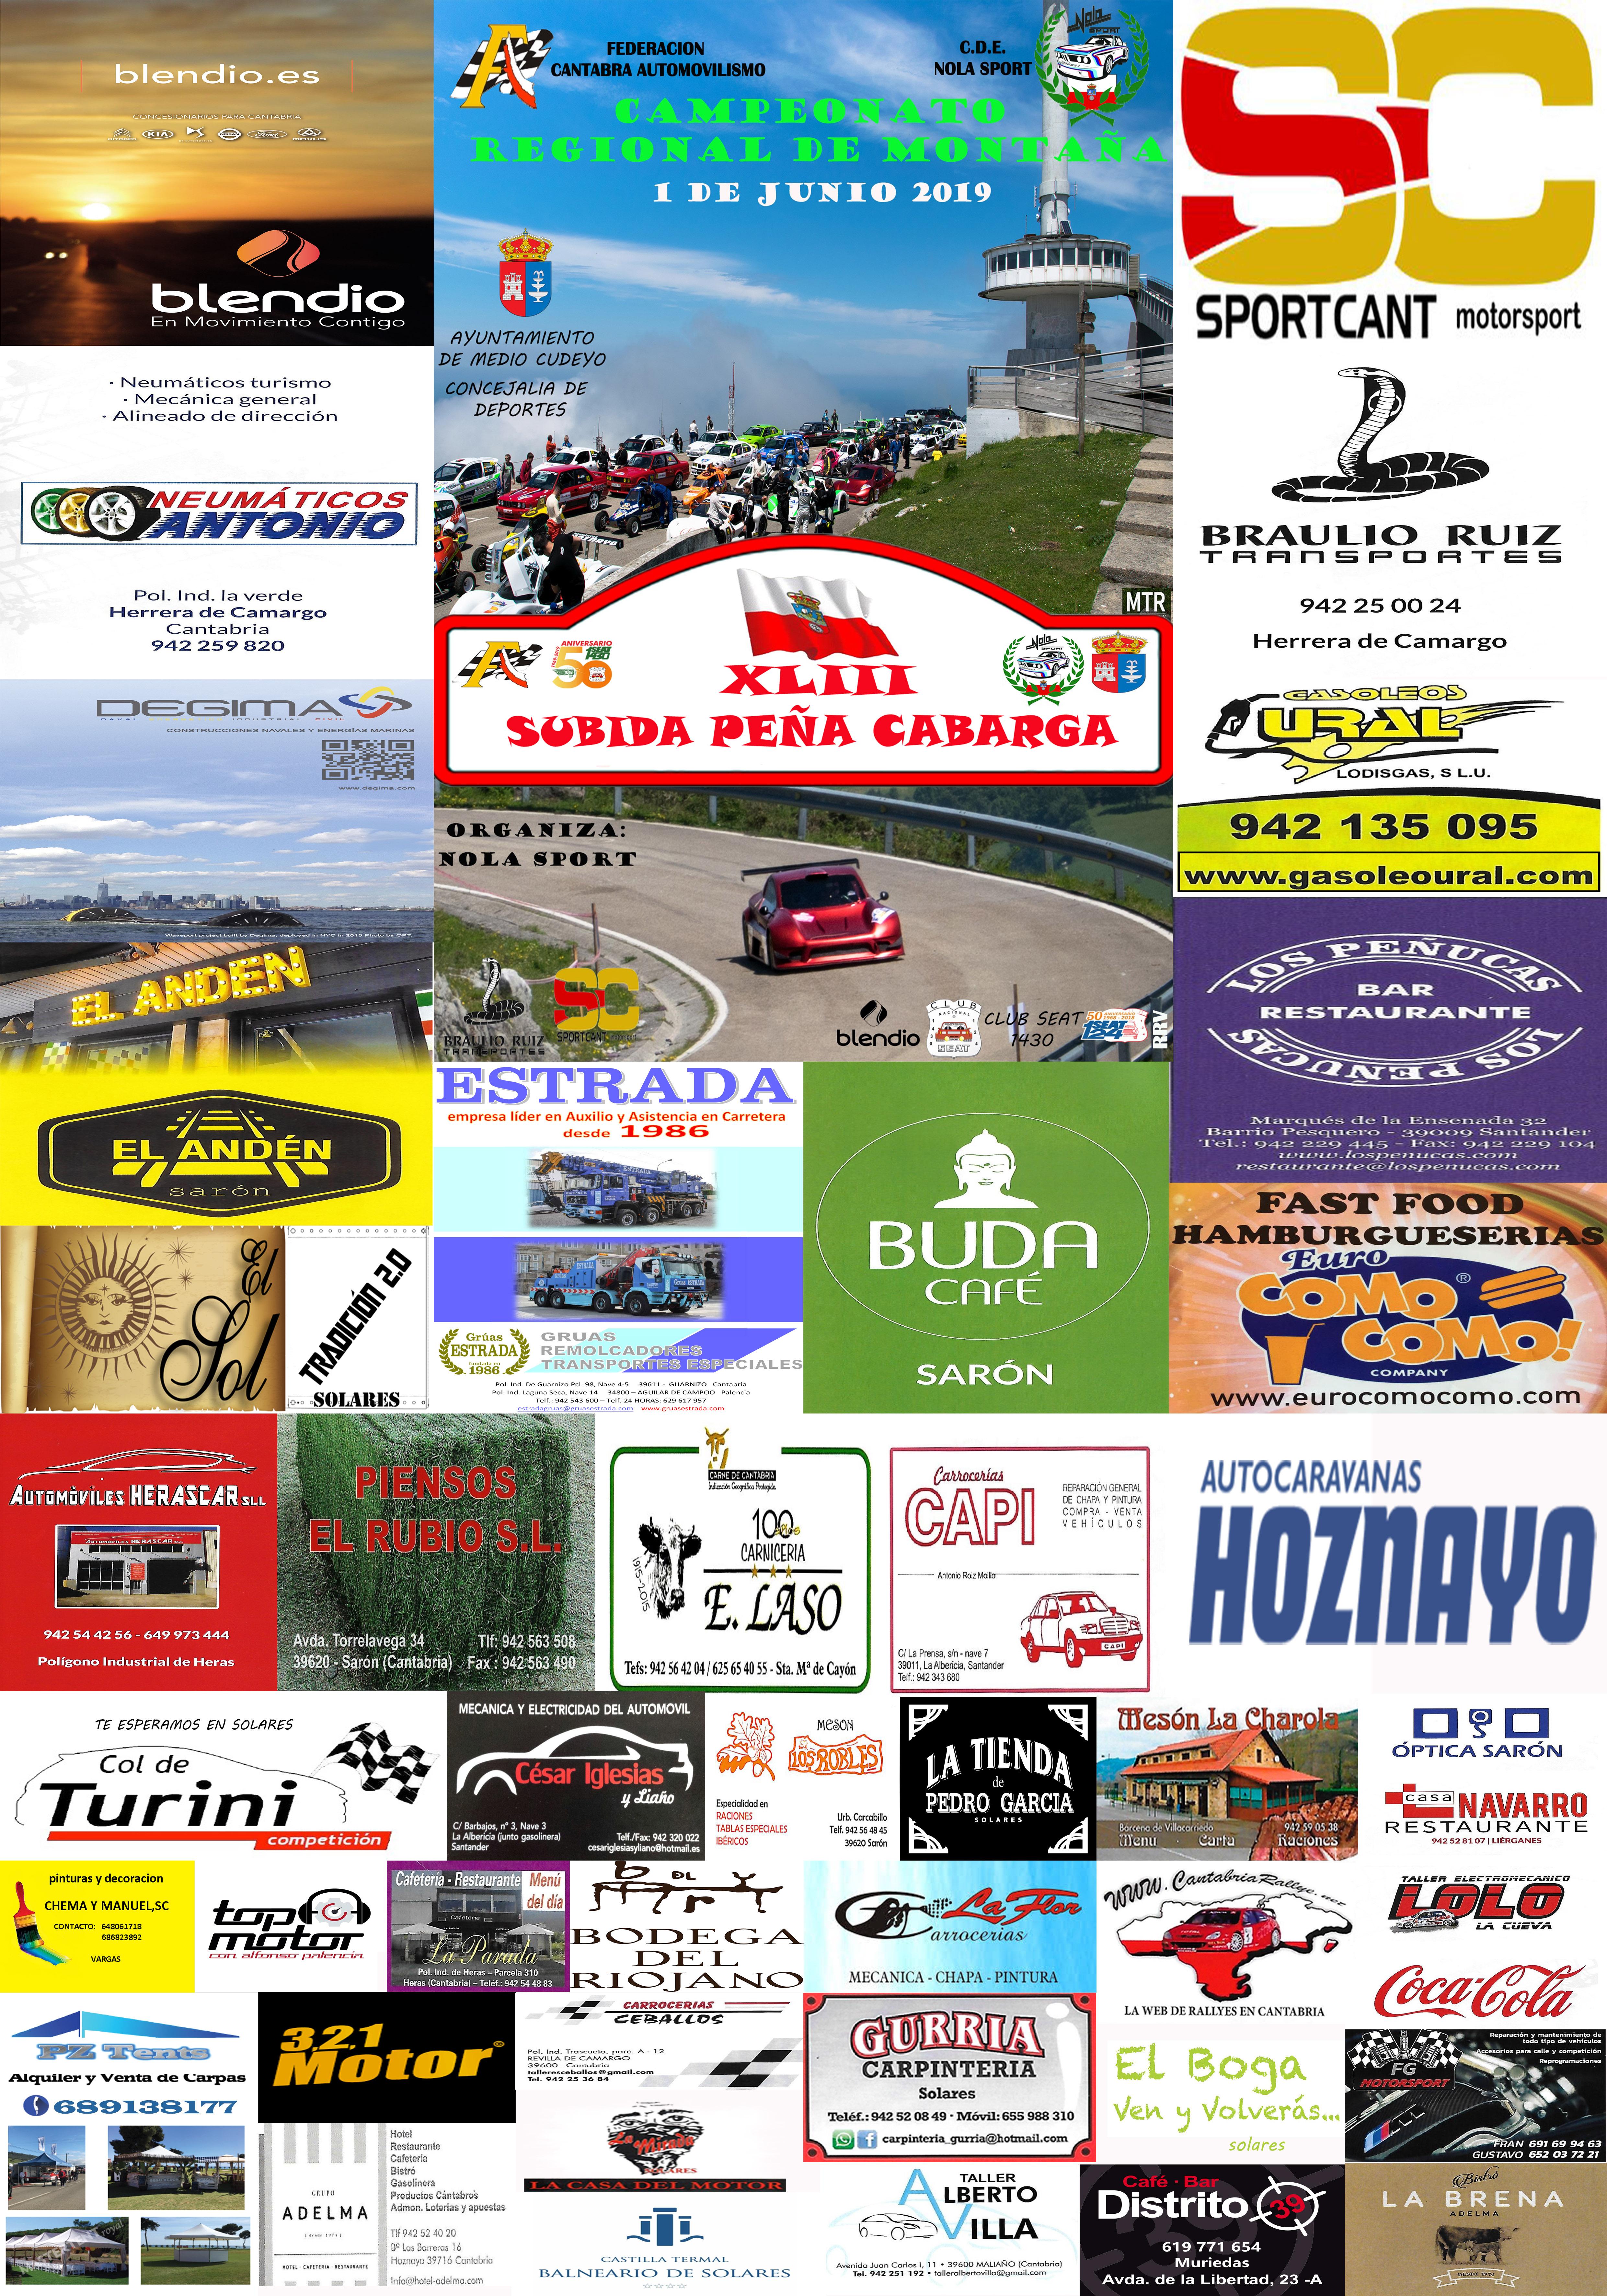 Campeonatos de Montaña Nacionales e Internacionales (FIA European Hillclimb, Berg Cup, MSA British Hillclimb, CIVM...) - Página 27 Cartel_oficial